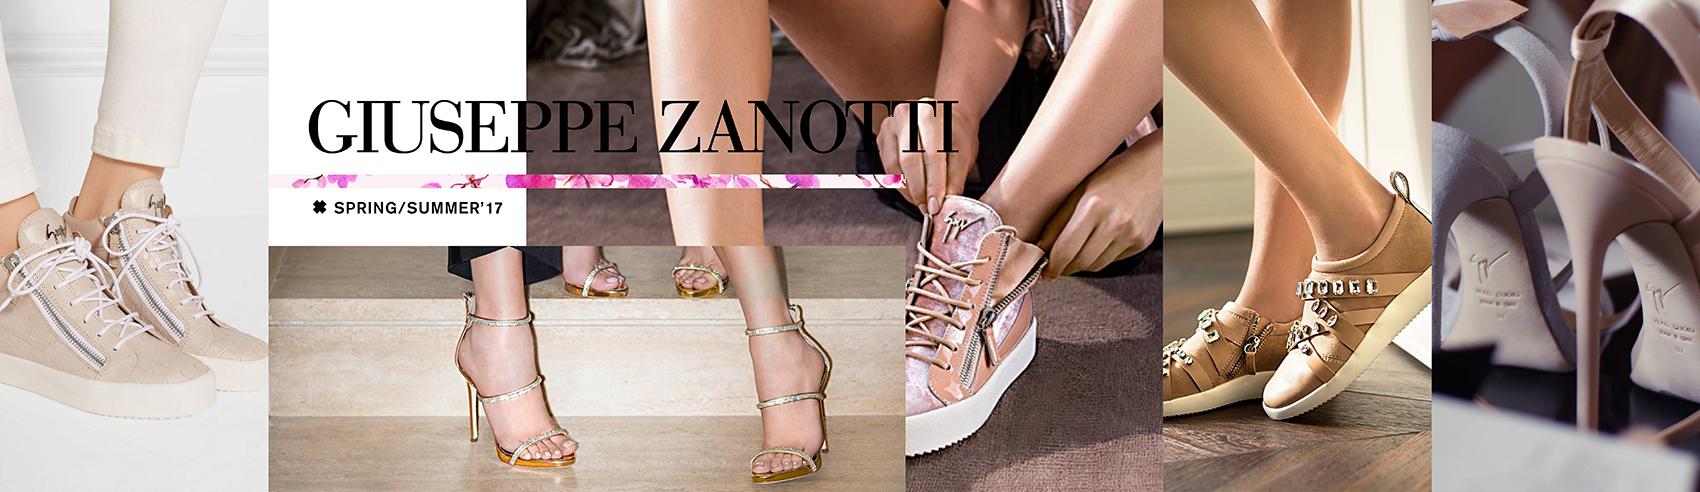 Pies super poderosos gracias a los zapatos, sandalias y sneackers de sneakers Giuseppe Zanotti.